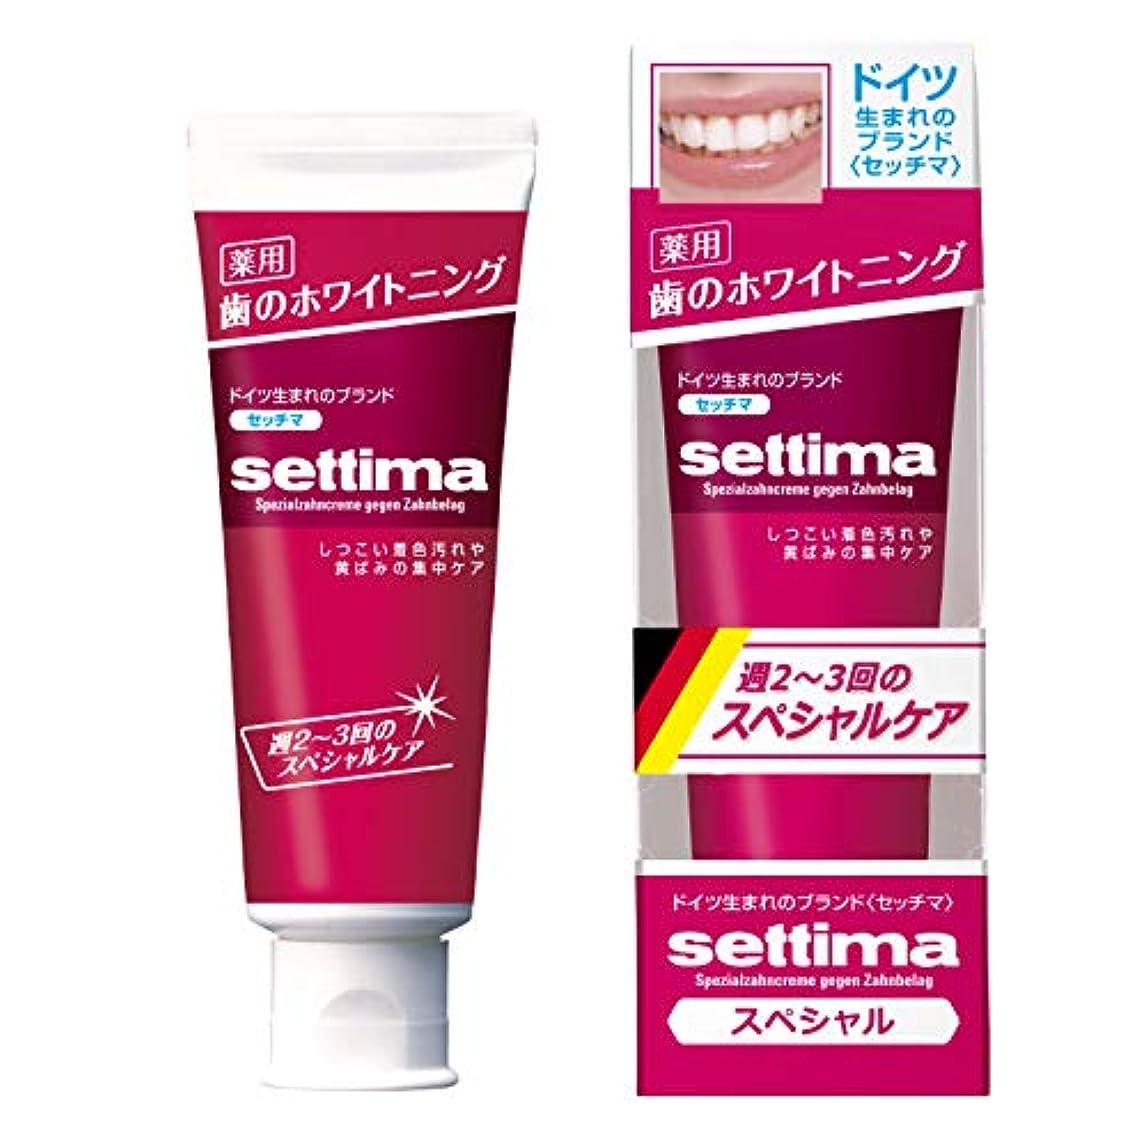 襟尋ねる無効settima(セッチマ) ホワイトニング 歯みがき スペシャルケア [ペパーミントタイプ] 80g